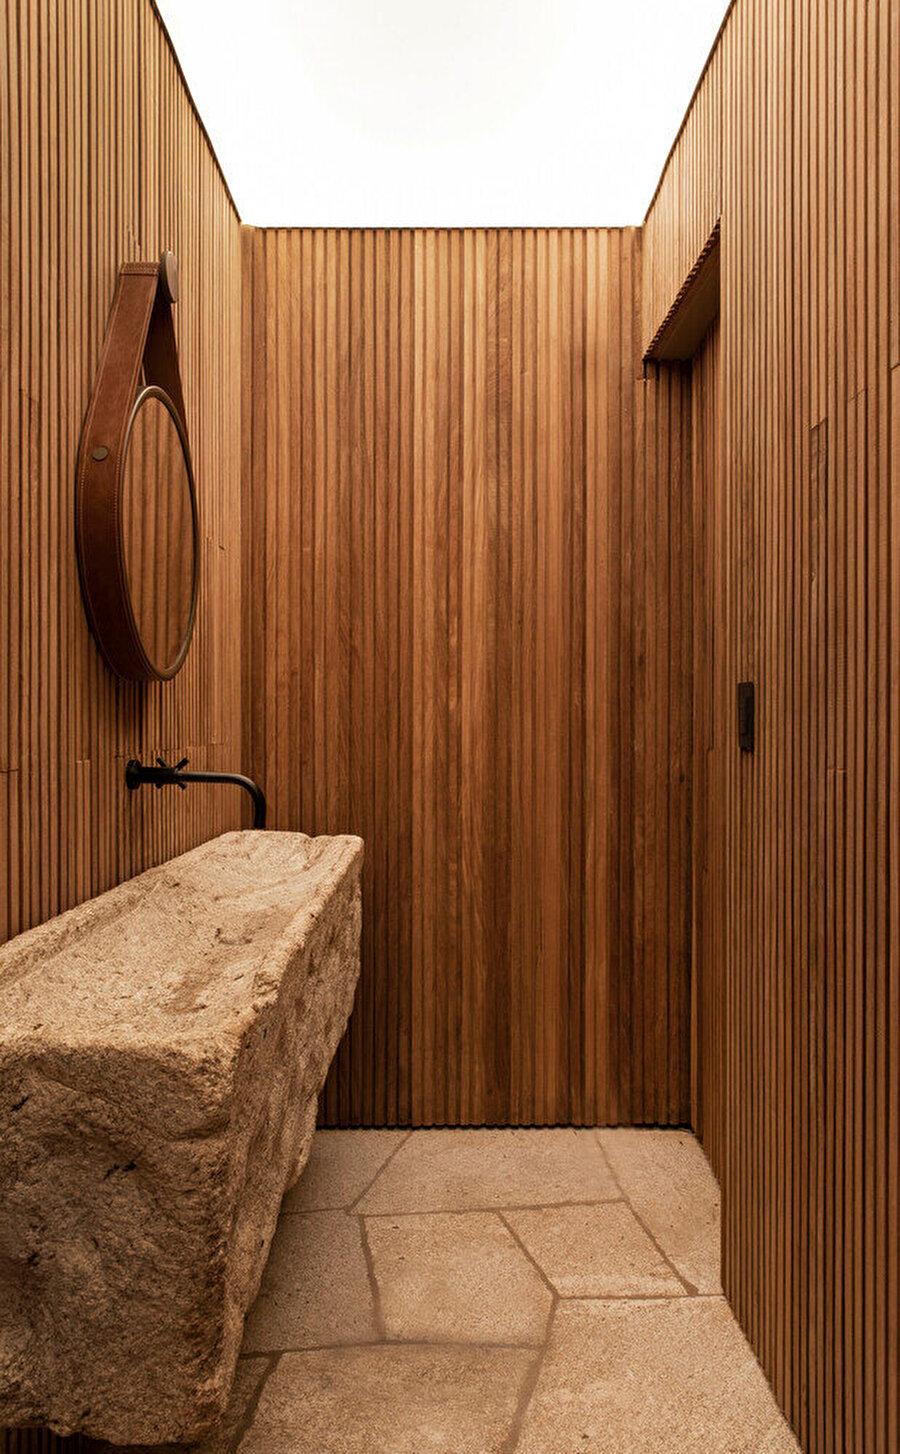 Banyo tasarımında, doğal malzeme tercih ediliyor.